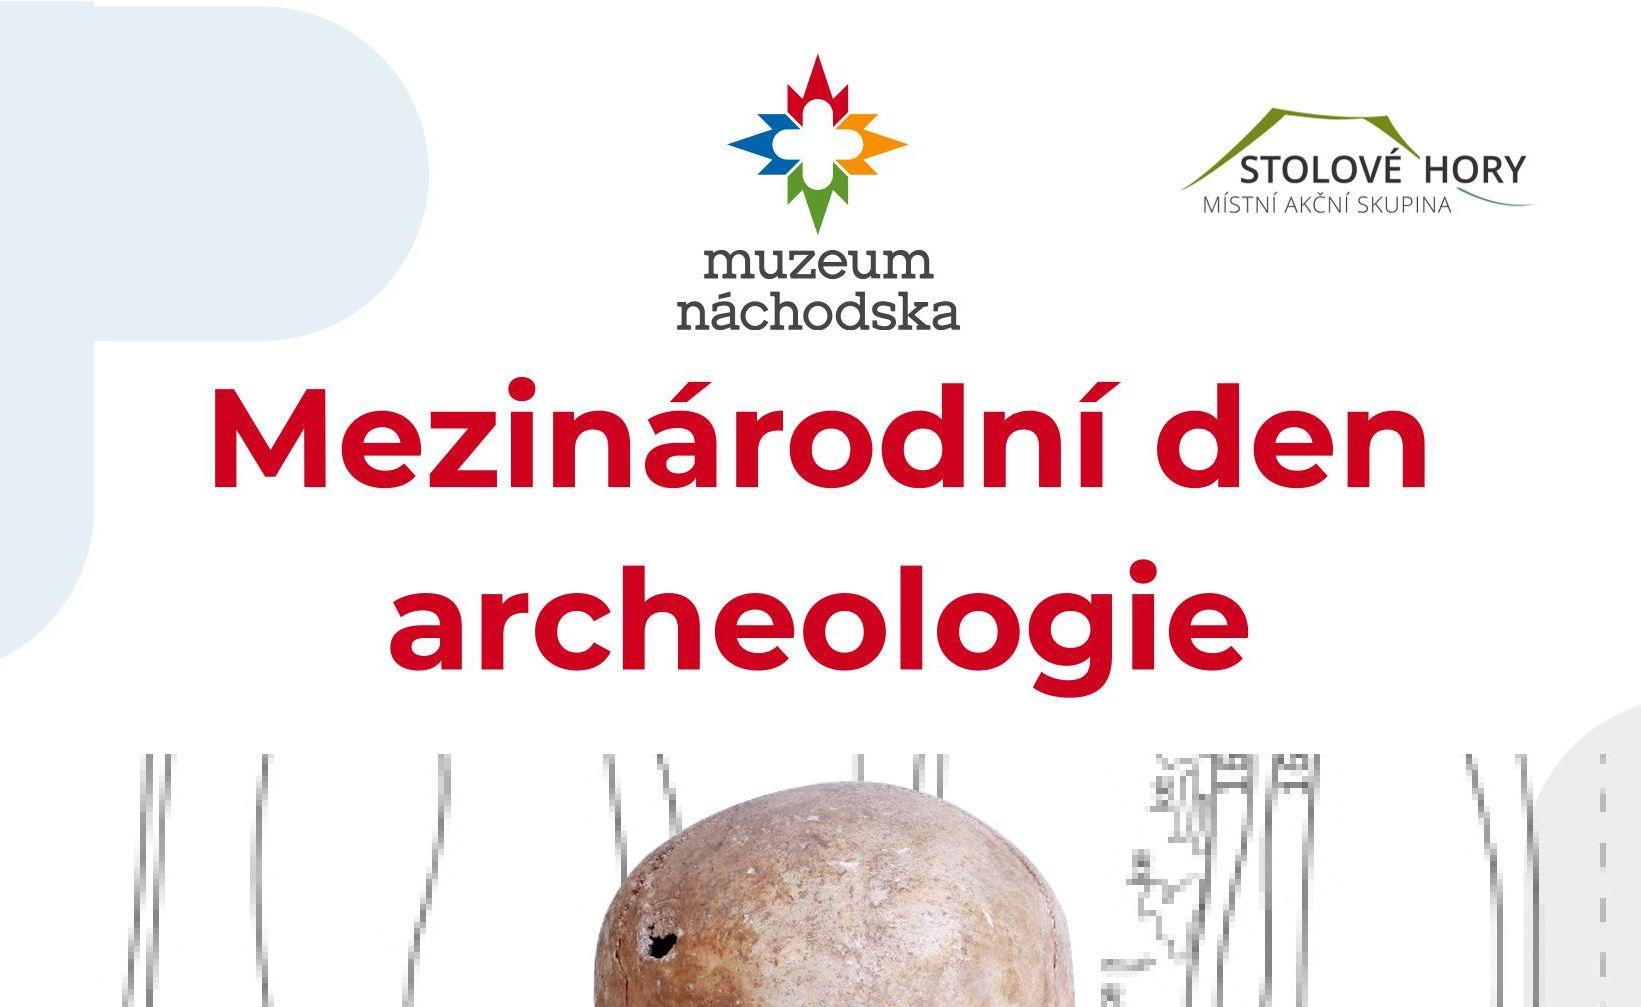 Mezinárodní den archeologie! Již tuto sobotu 16. 10. také vNáchodě!